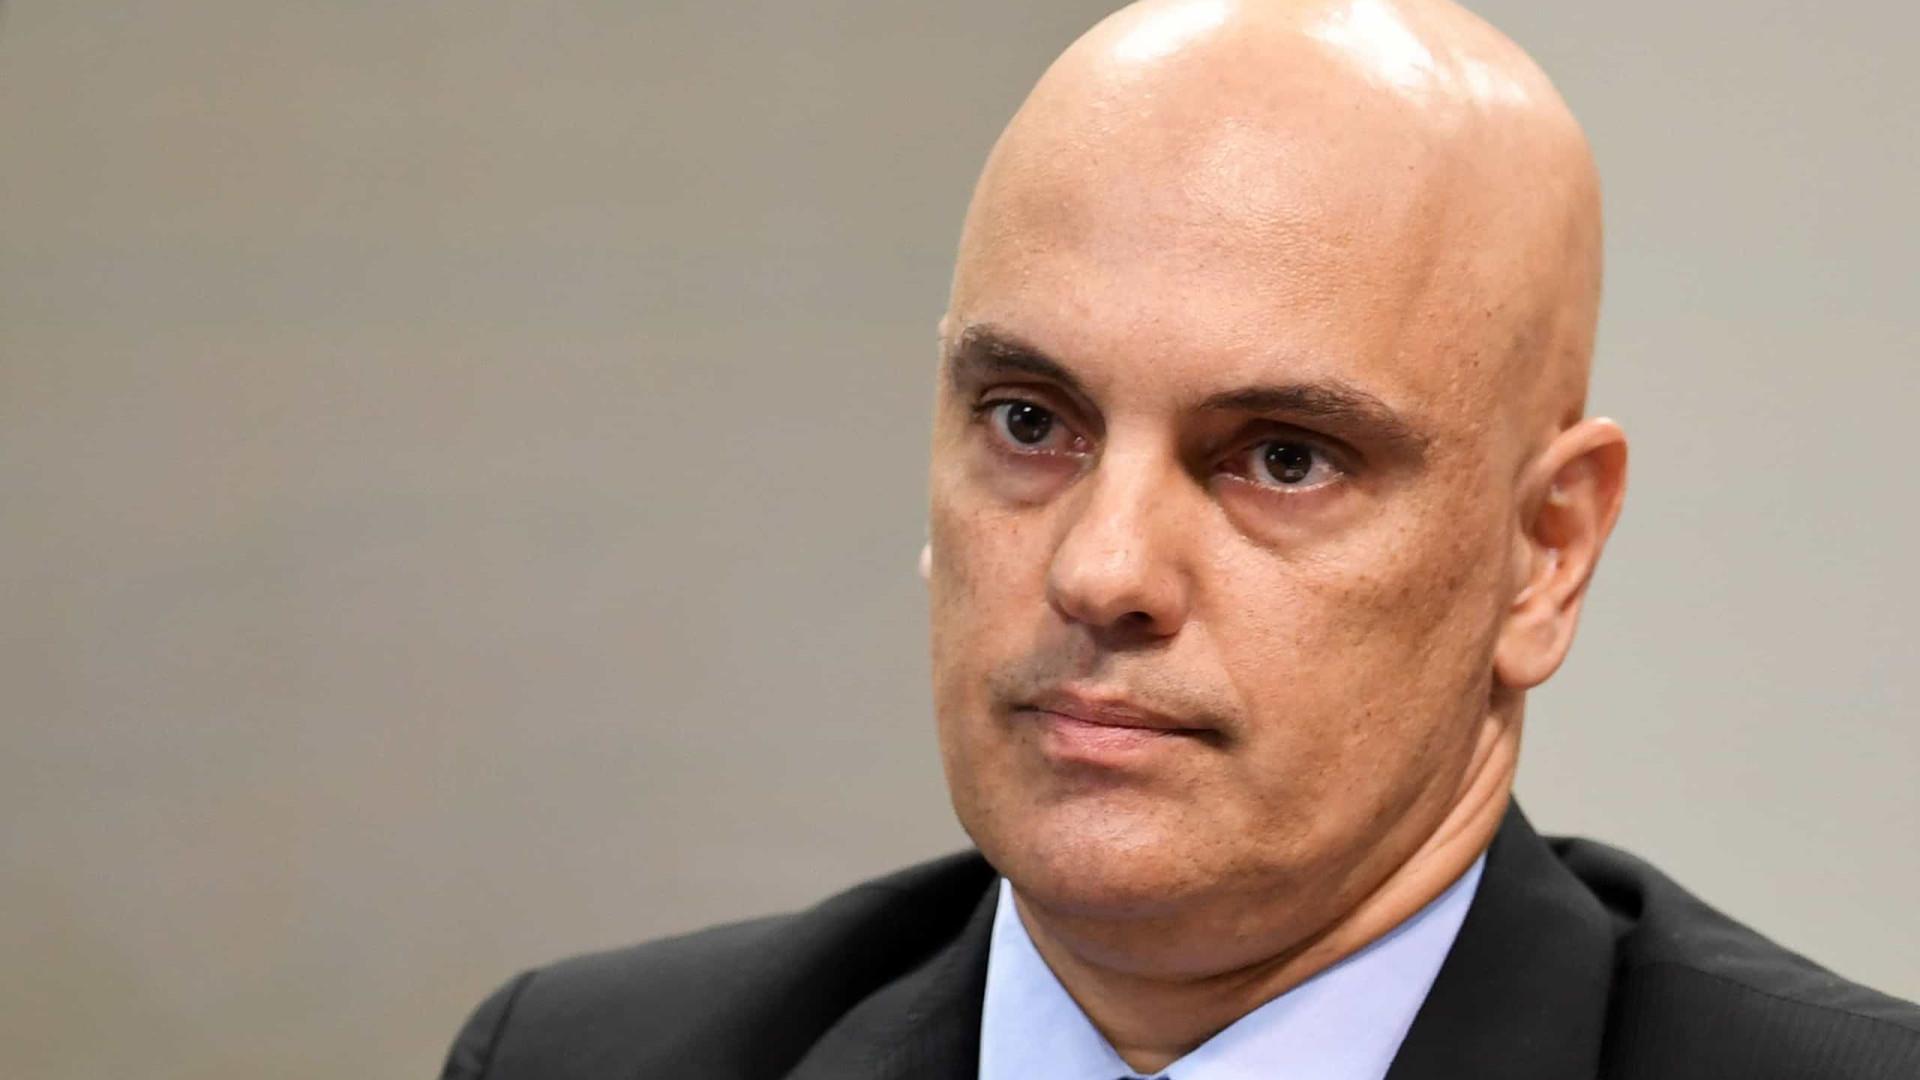 Em letras garrafais, Moraes dá bronca em Twitter e Facebook